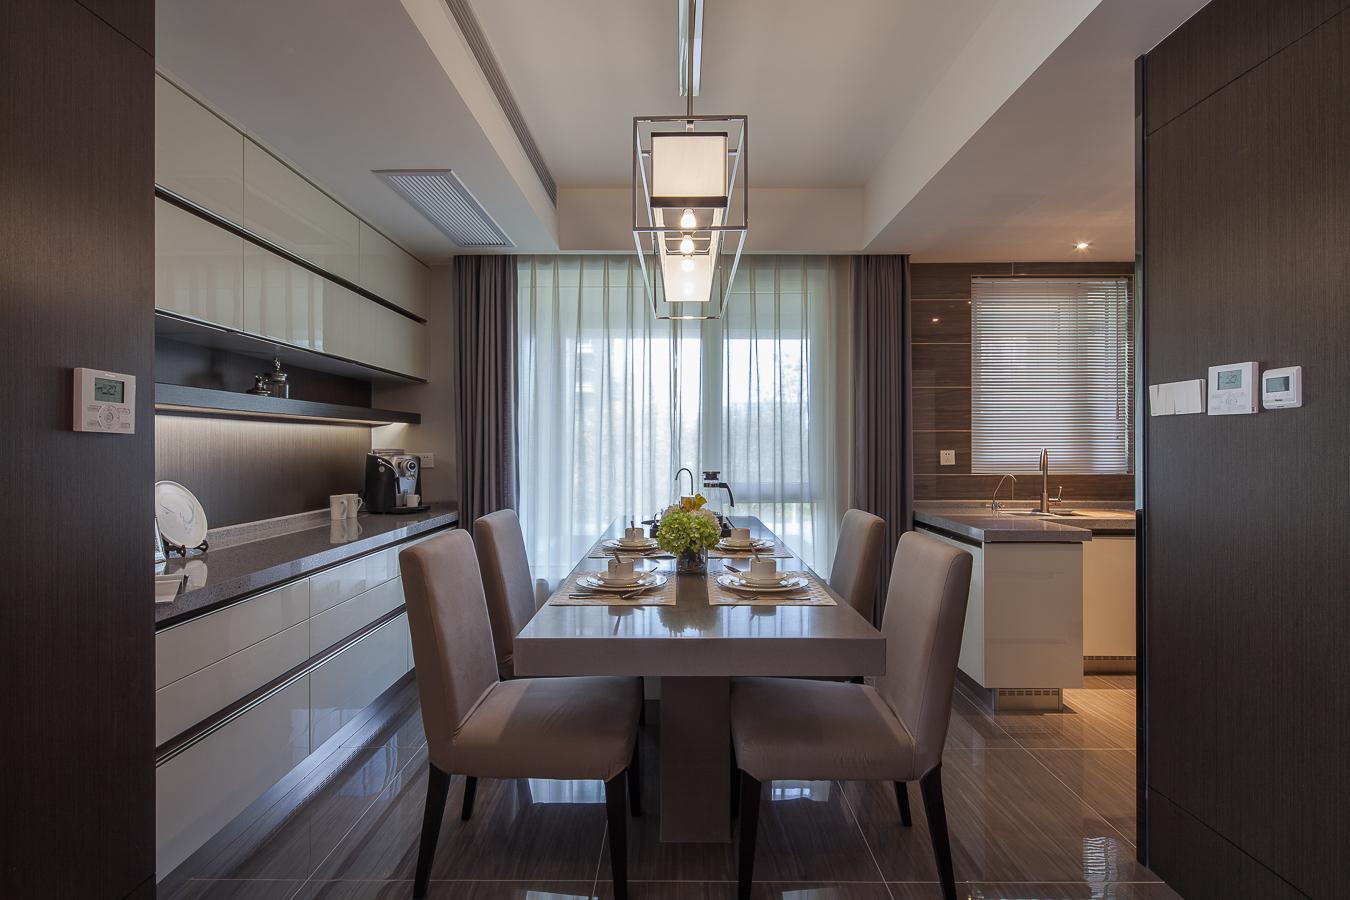 餐厅延续客厅整体格调,沉稳大气,餐边柜设计不仅满足收纳,用餐随手放置物品也非常方便。